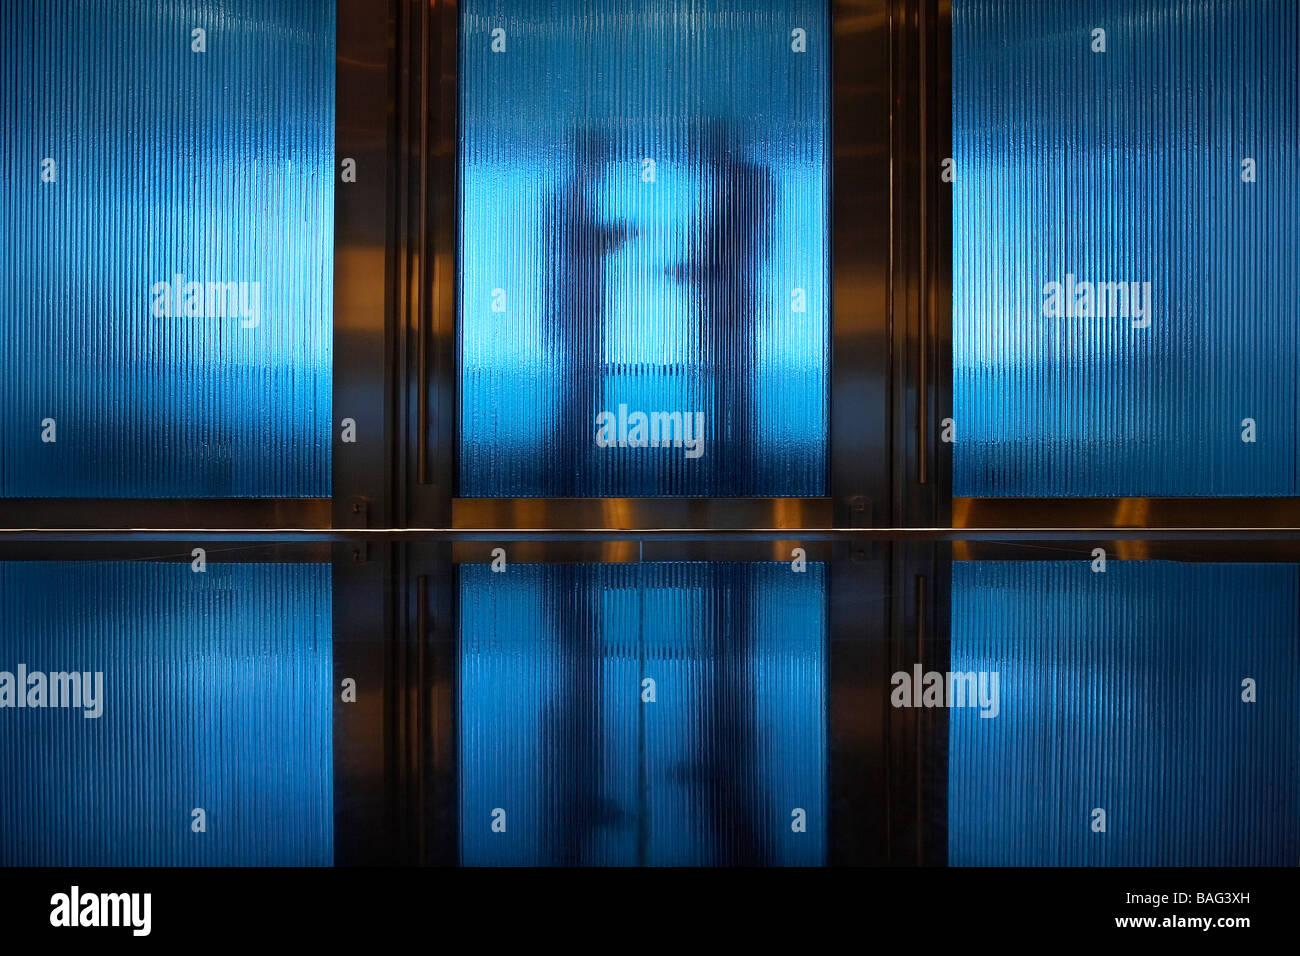 Adcb Headquarters, Abu Dhabi, United Arab Emirates, Gensler, Adcb headquarters. - Stock Image